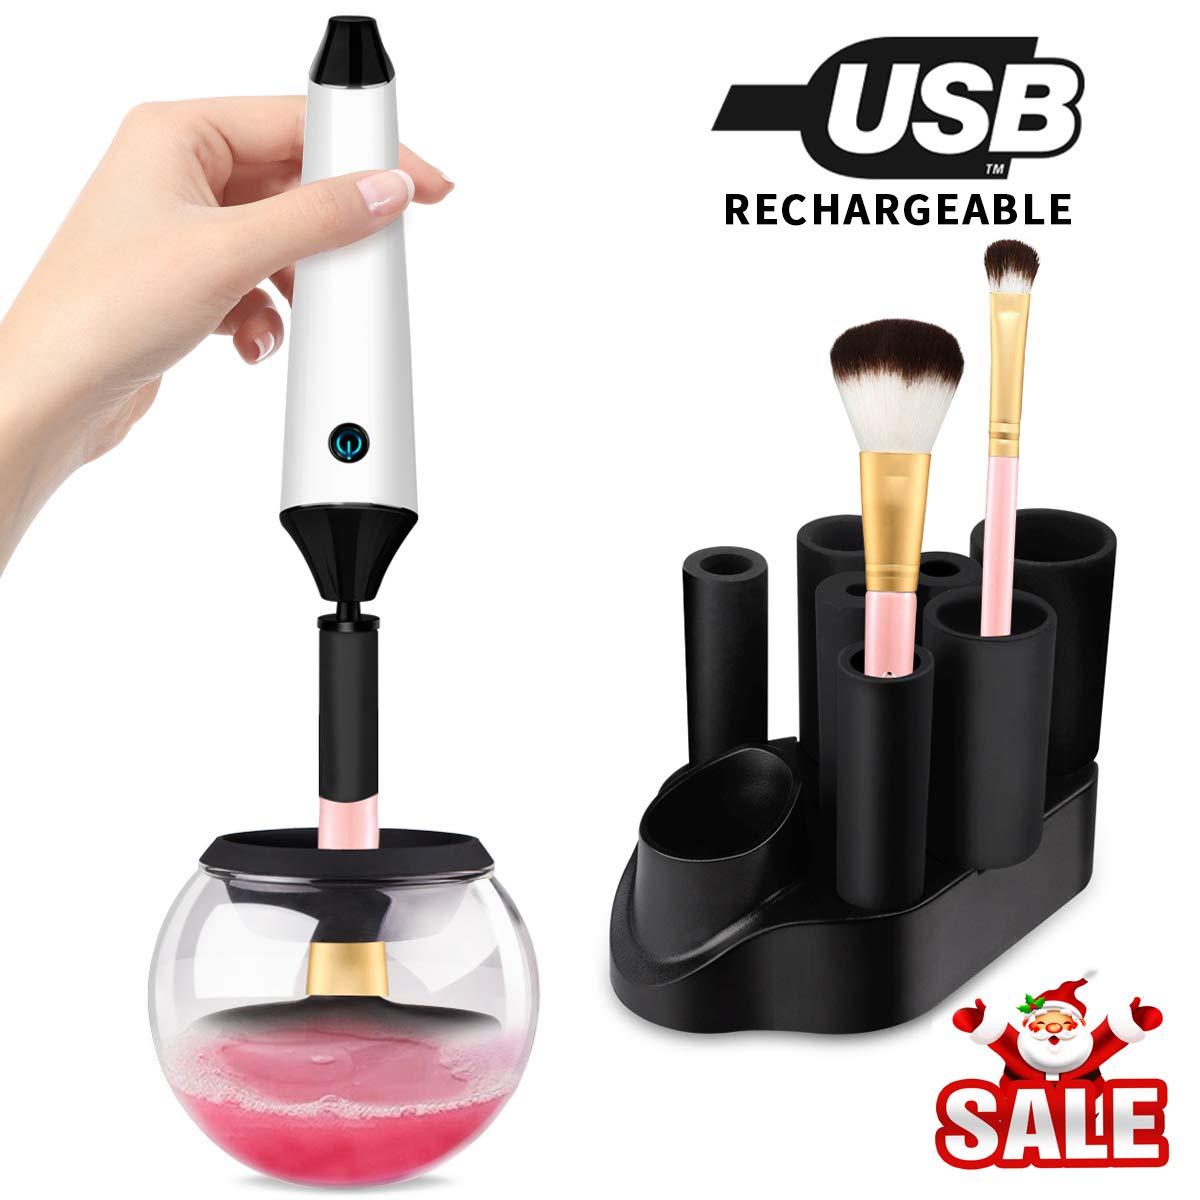 Nettoyant Pinceaux Maquillage, Morpilot Nettoyeur Brosse Maquillage RECHARGEABLE - nettoyer ou sécher des pinceaux cosmétiques en second